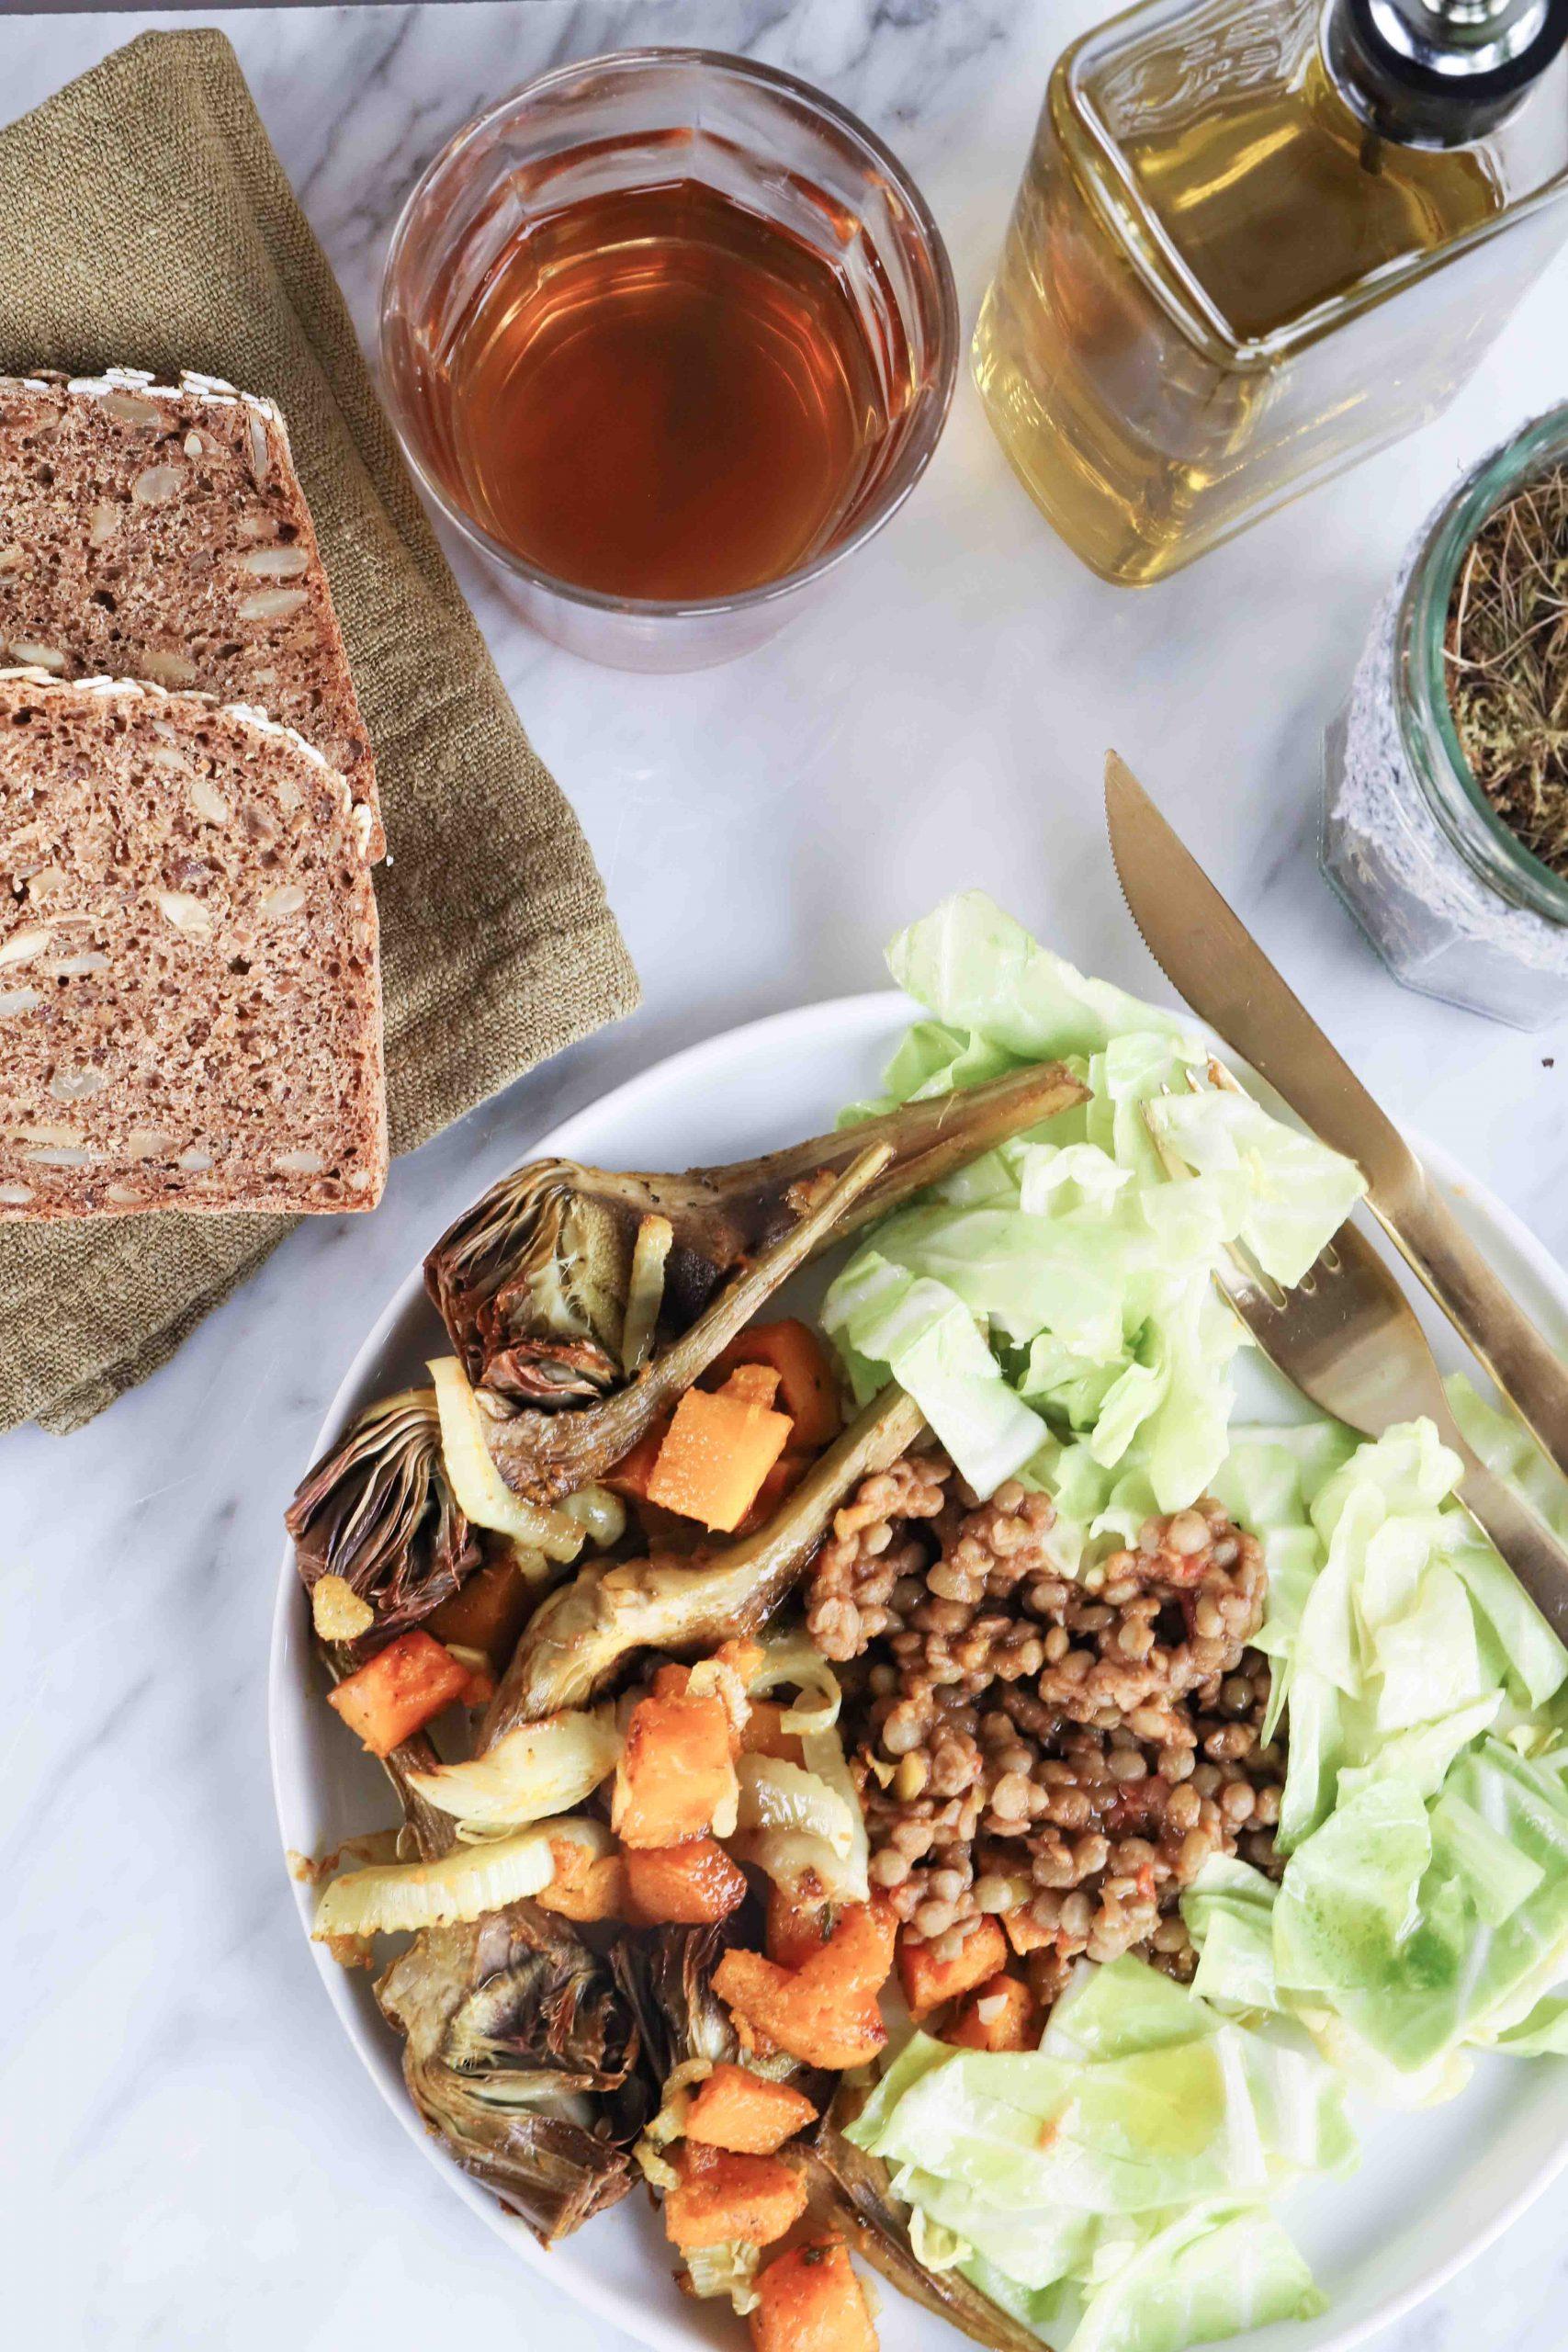 Lenticchie verdure al forno e cappuccio mygreenfood